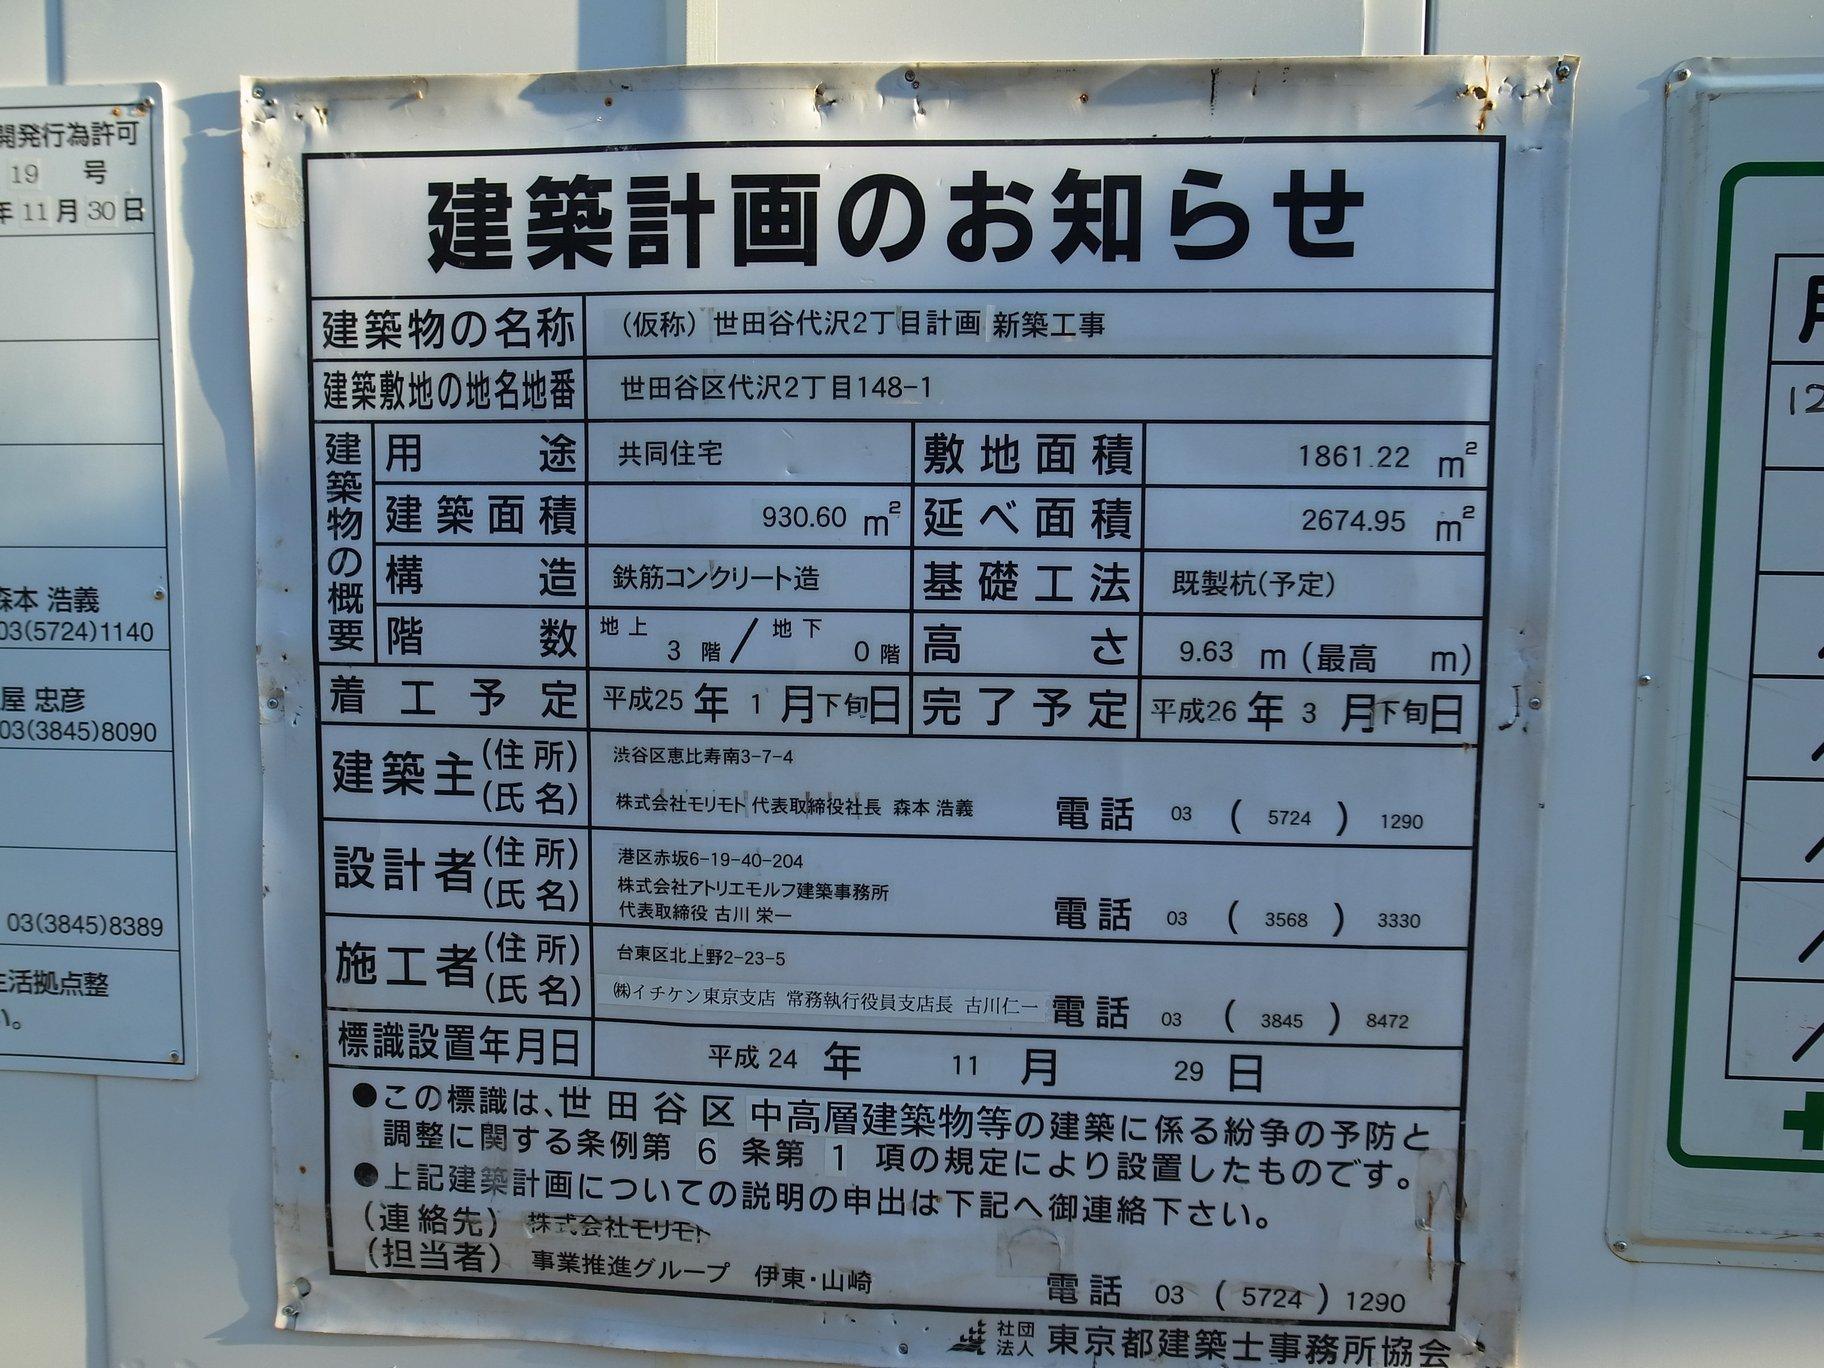 下北沢・代沢の新築マンション、「ディアナコート代沢翠景」